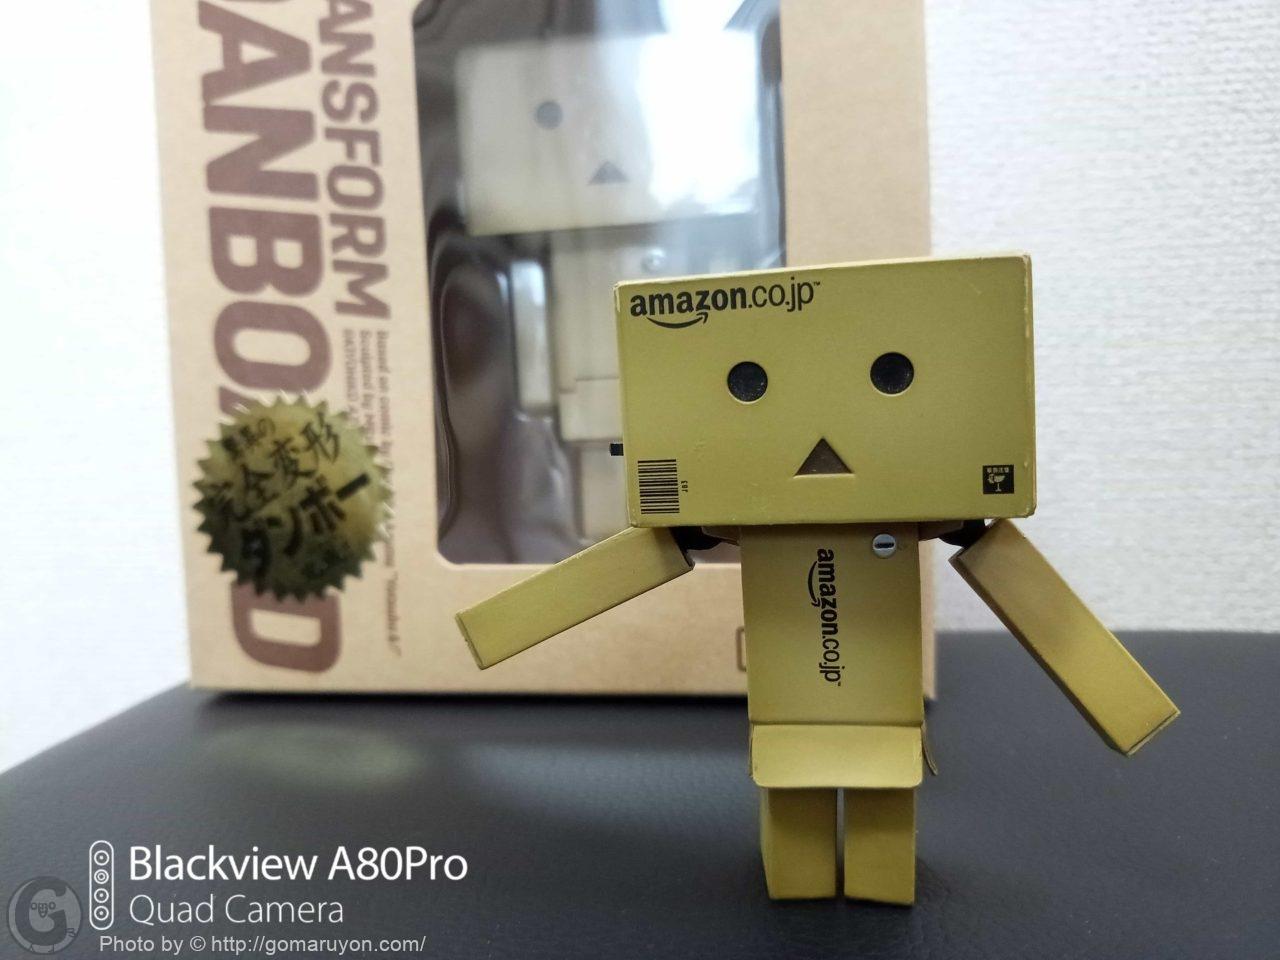 Blackview A80 Proのカメラ性能と撮った写真